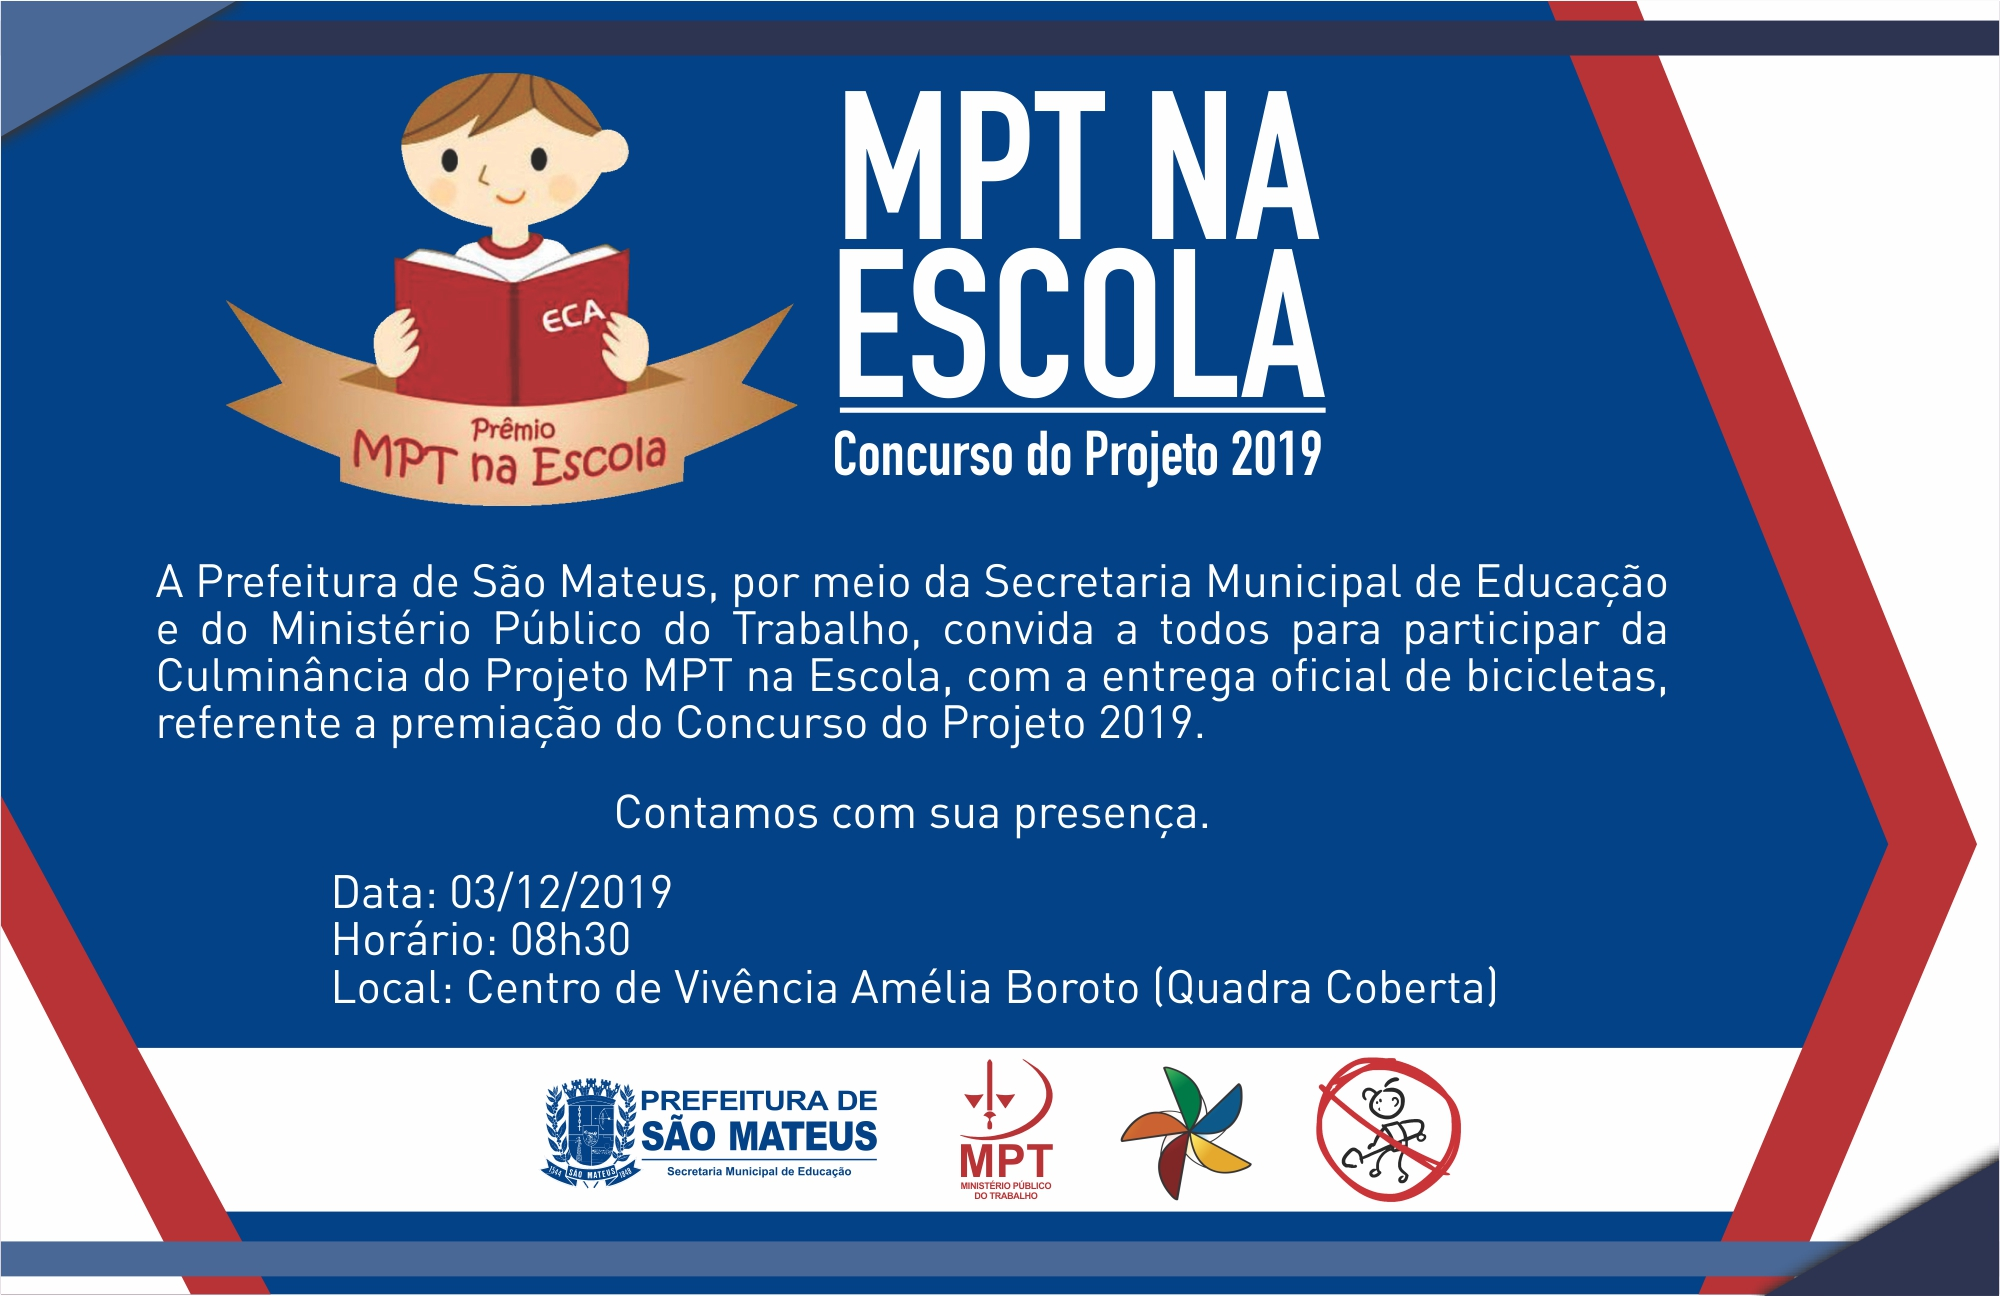 MPT NA ESCOLA CONCURSO DO PROJETO 2019